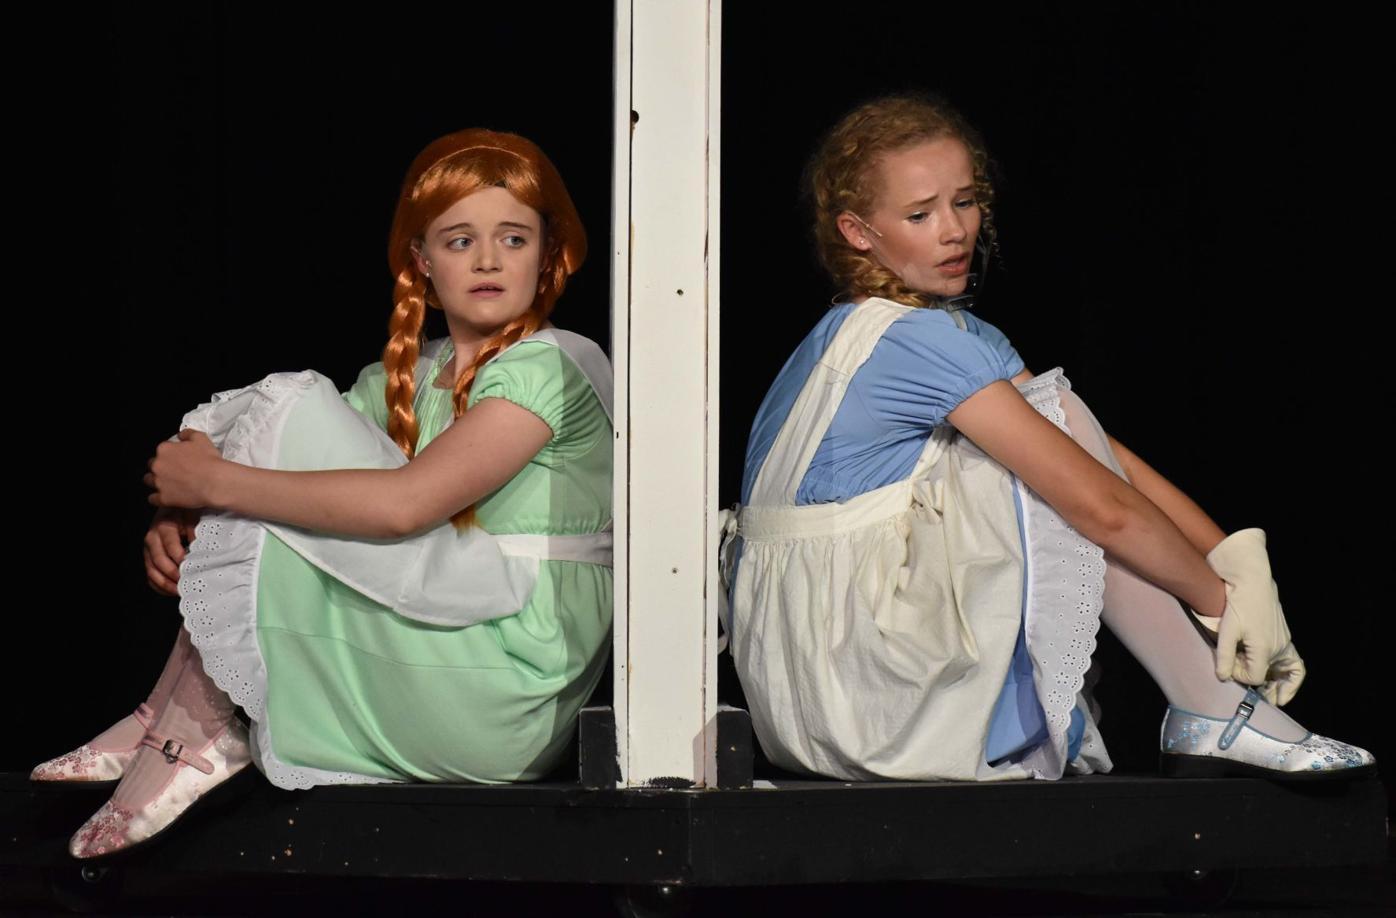 Frozen 1 Elsa and Anna.jpg